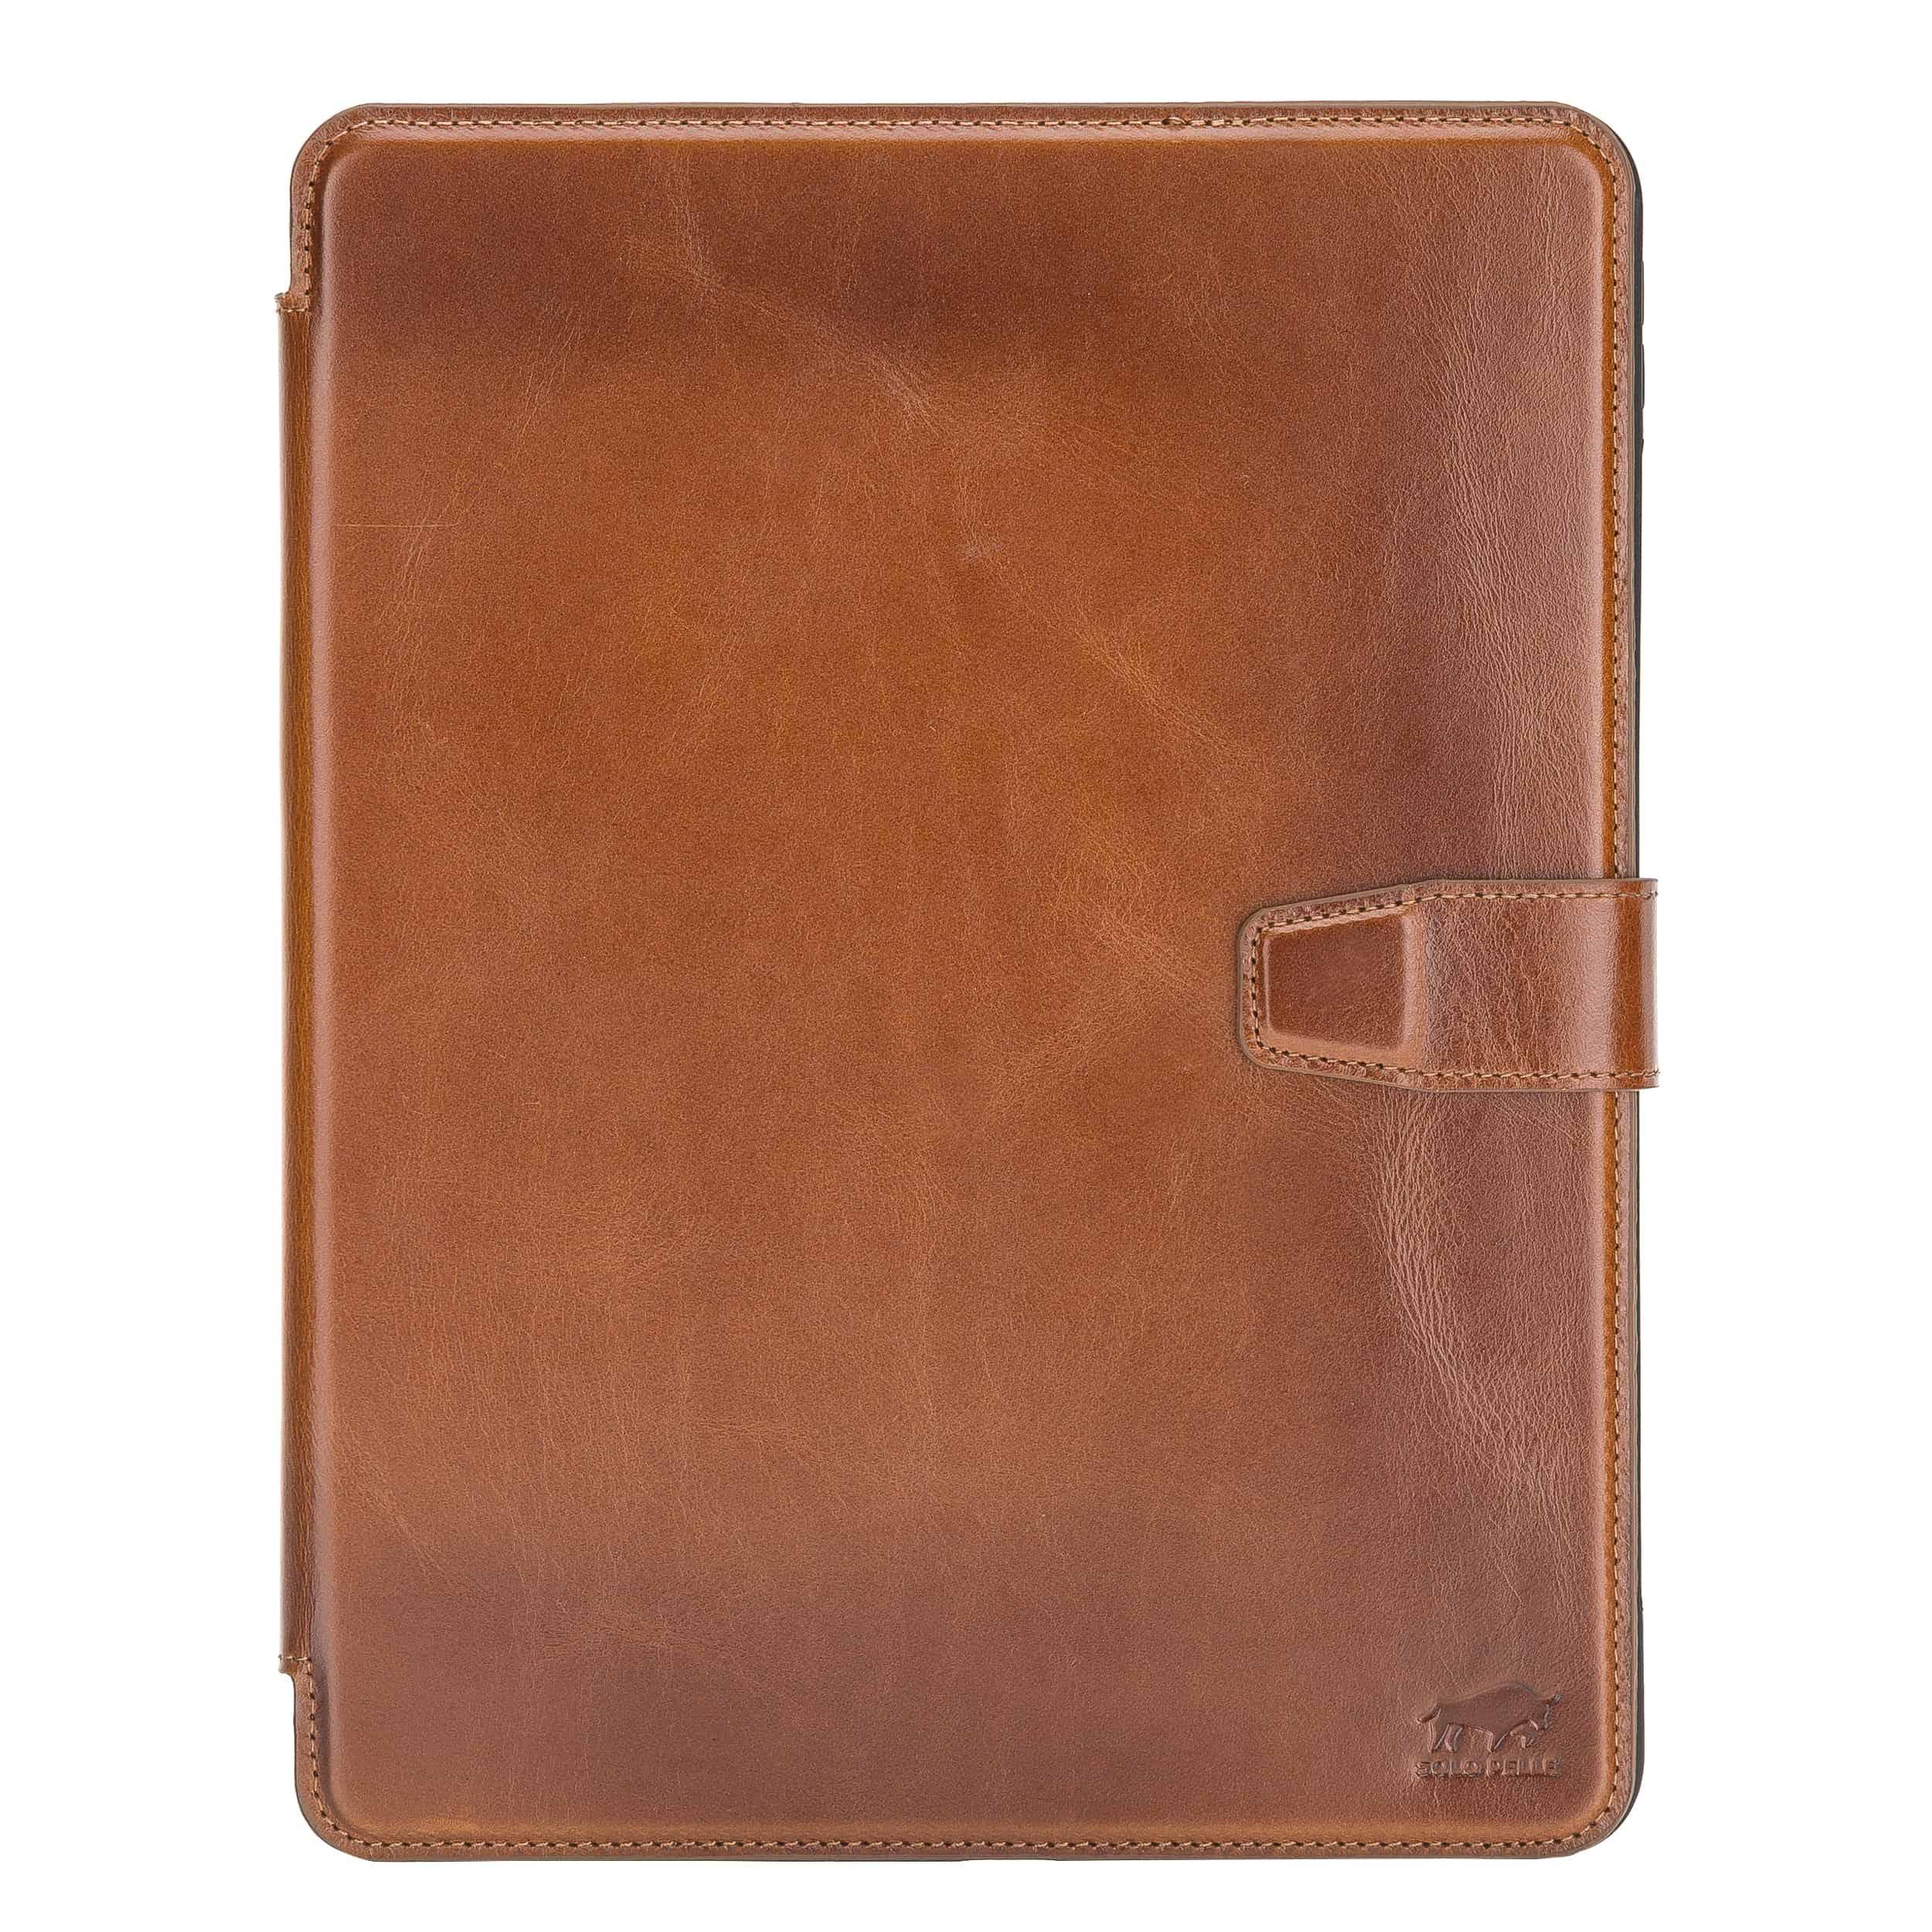 """Solo Pelle magnetische abnehmbare Hülle geeignet für Apple iPad Pro 11"""" 2020 Hülle Echtleder Case aus echtem Leder. Unterstützt Pencil 2 und magnetisches Laden (Cognac Braun Effekt)"""